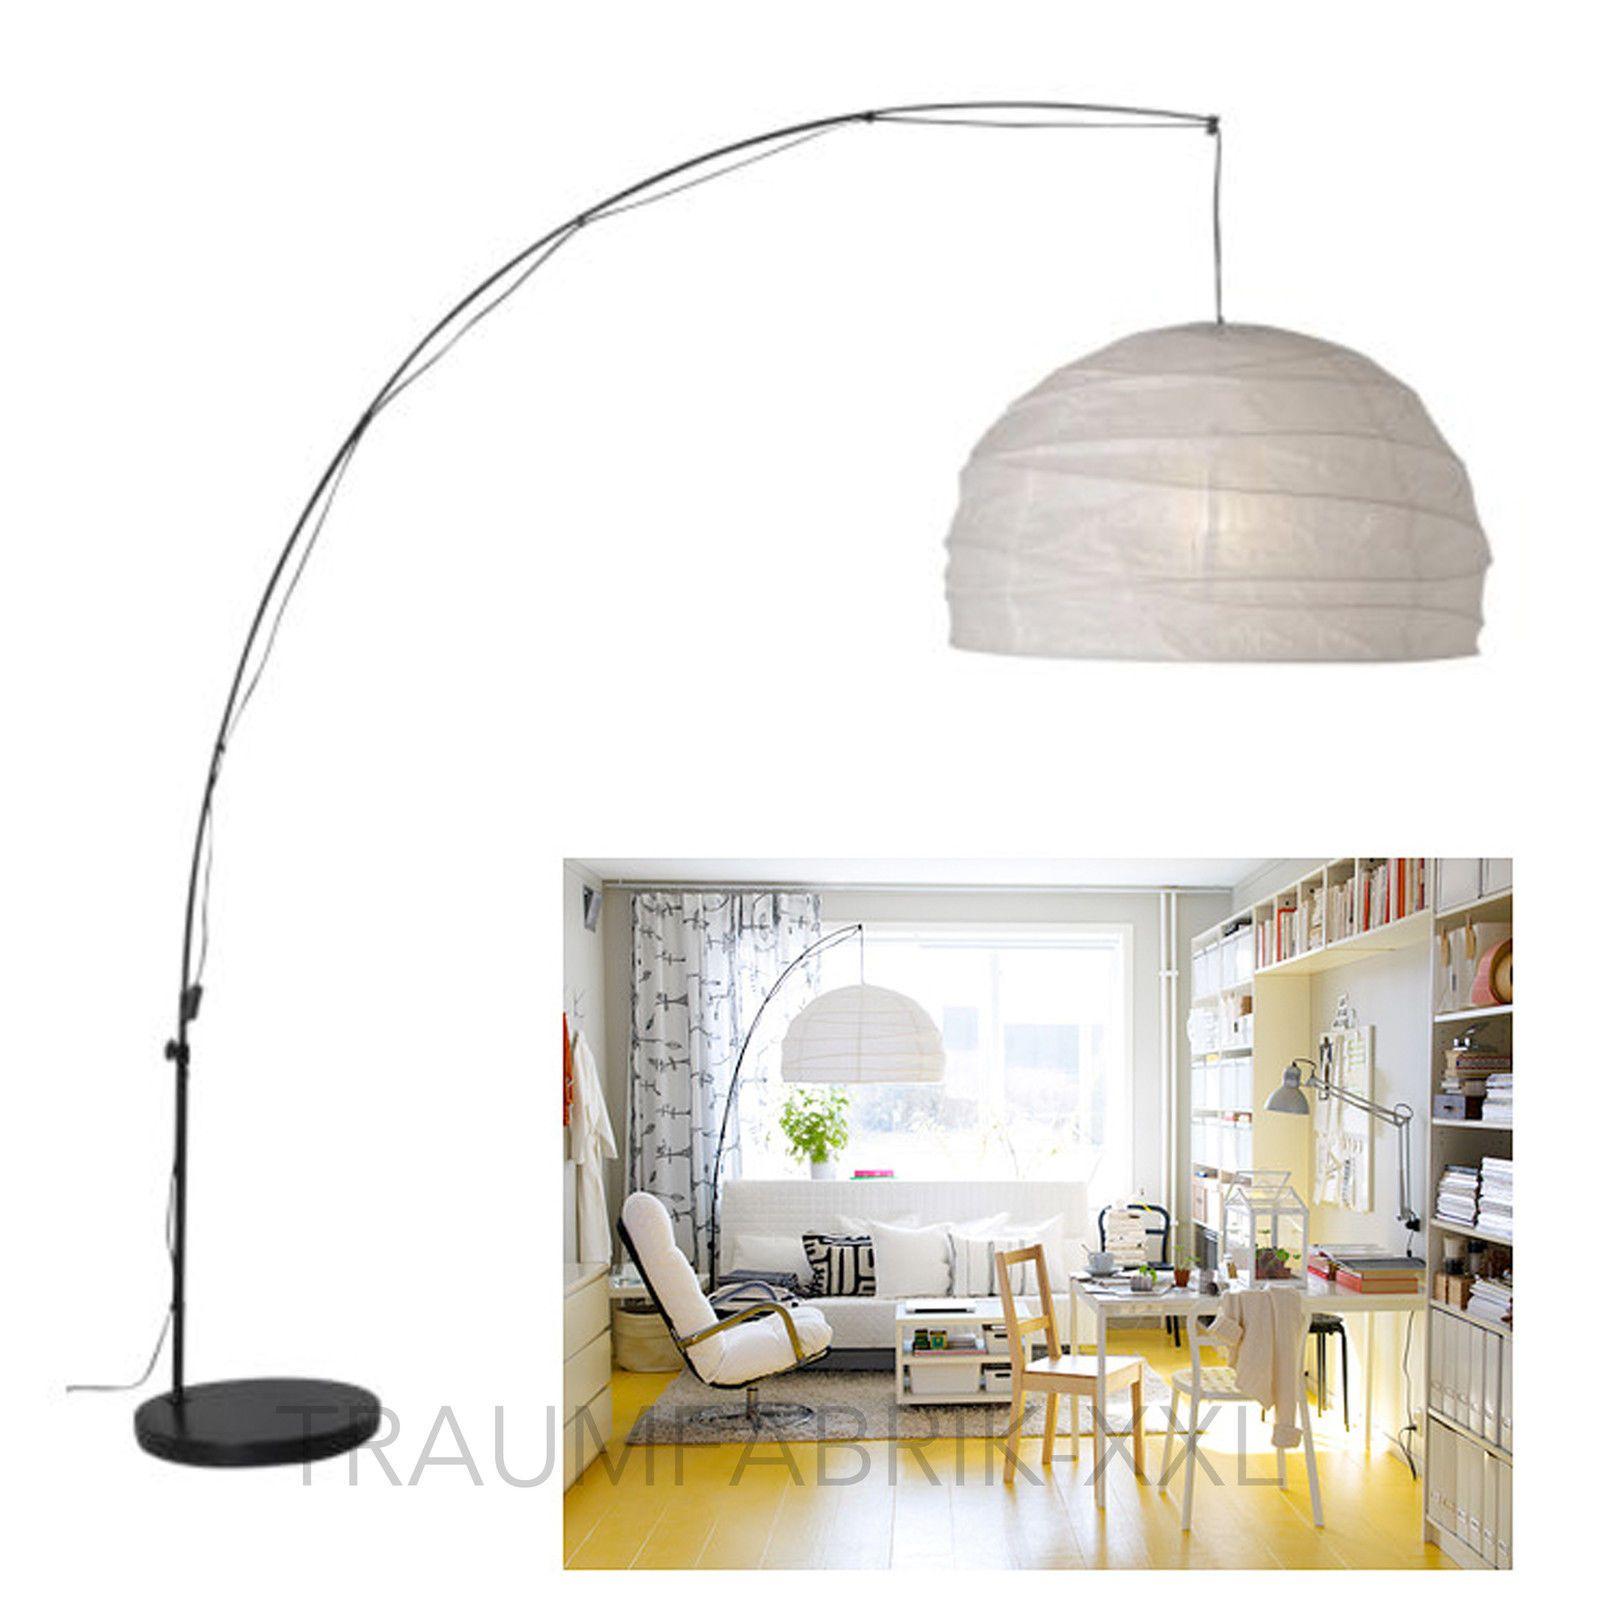 Full Size of Ikea Küche Kosten Led Lampen Wohnzimmer Deckenlampen Für Esstisch Stehlampen Bad Betten 160x200 Schlafzimmer Modern Sofa Mit Schlaffunktion Bei Designer Wohnzimmer Ikea Lampen